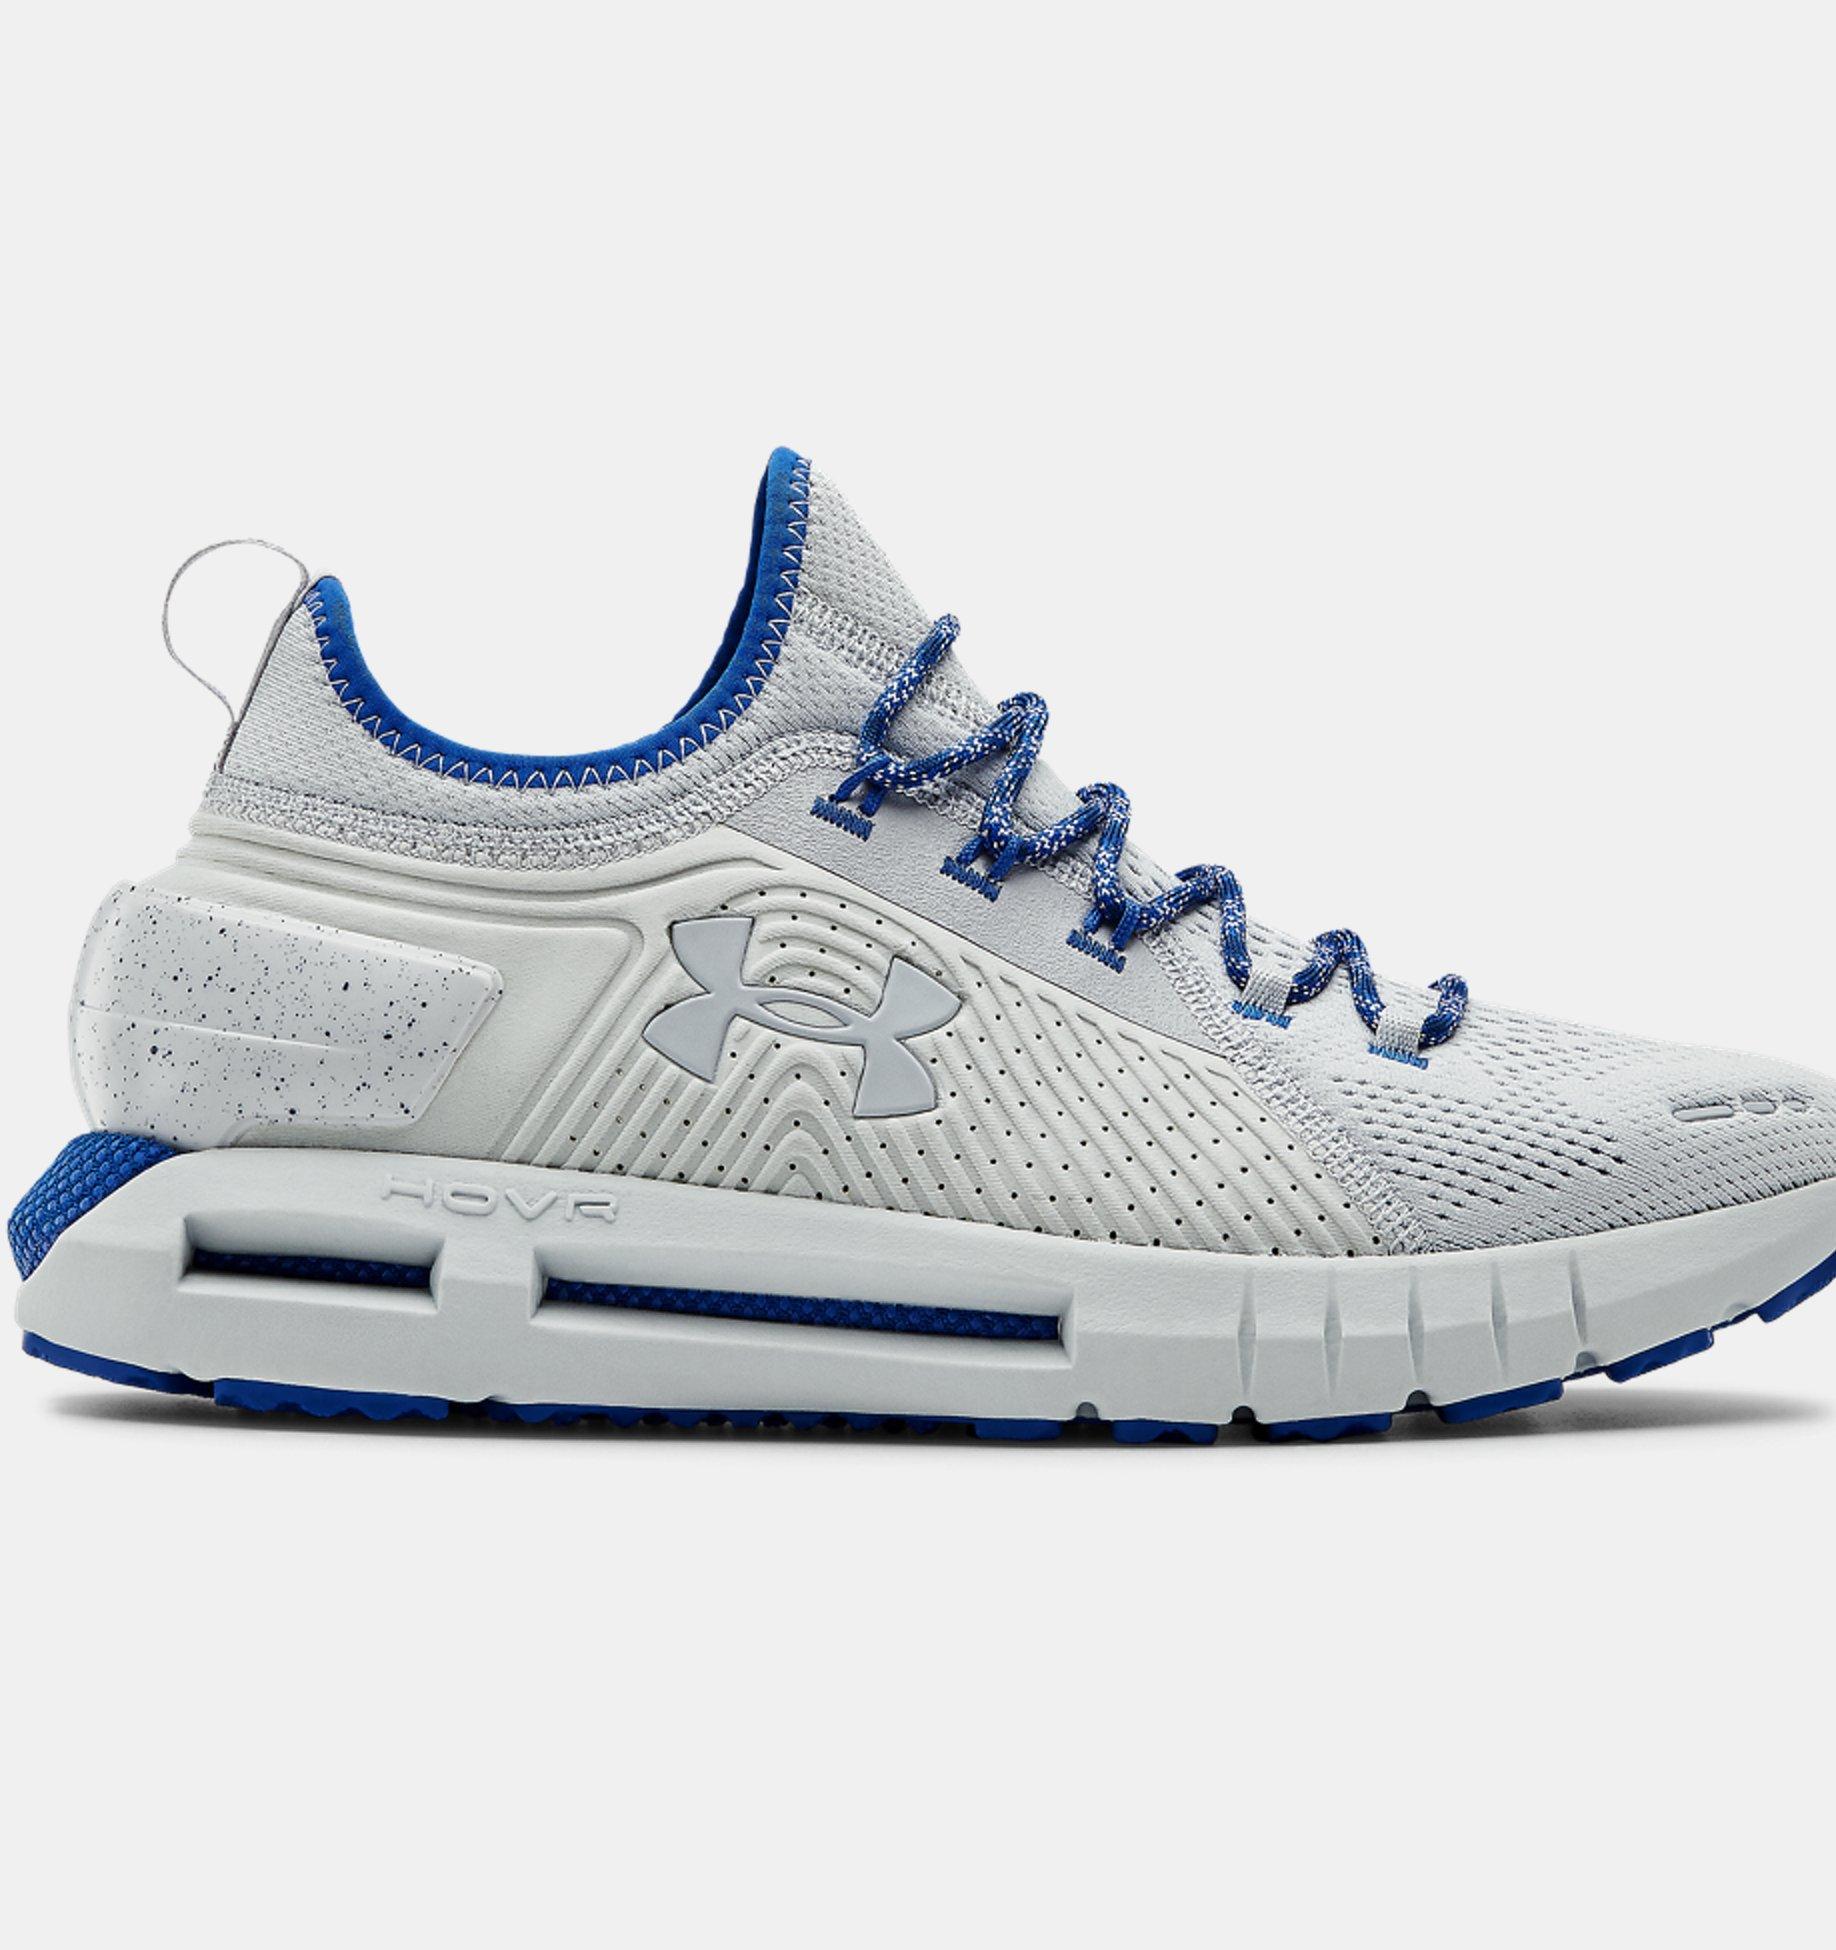 13 Best Men's Running Shoes for 2020 Men's Running Sneaker